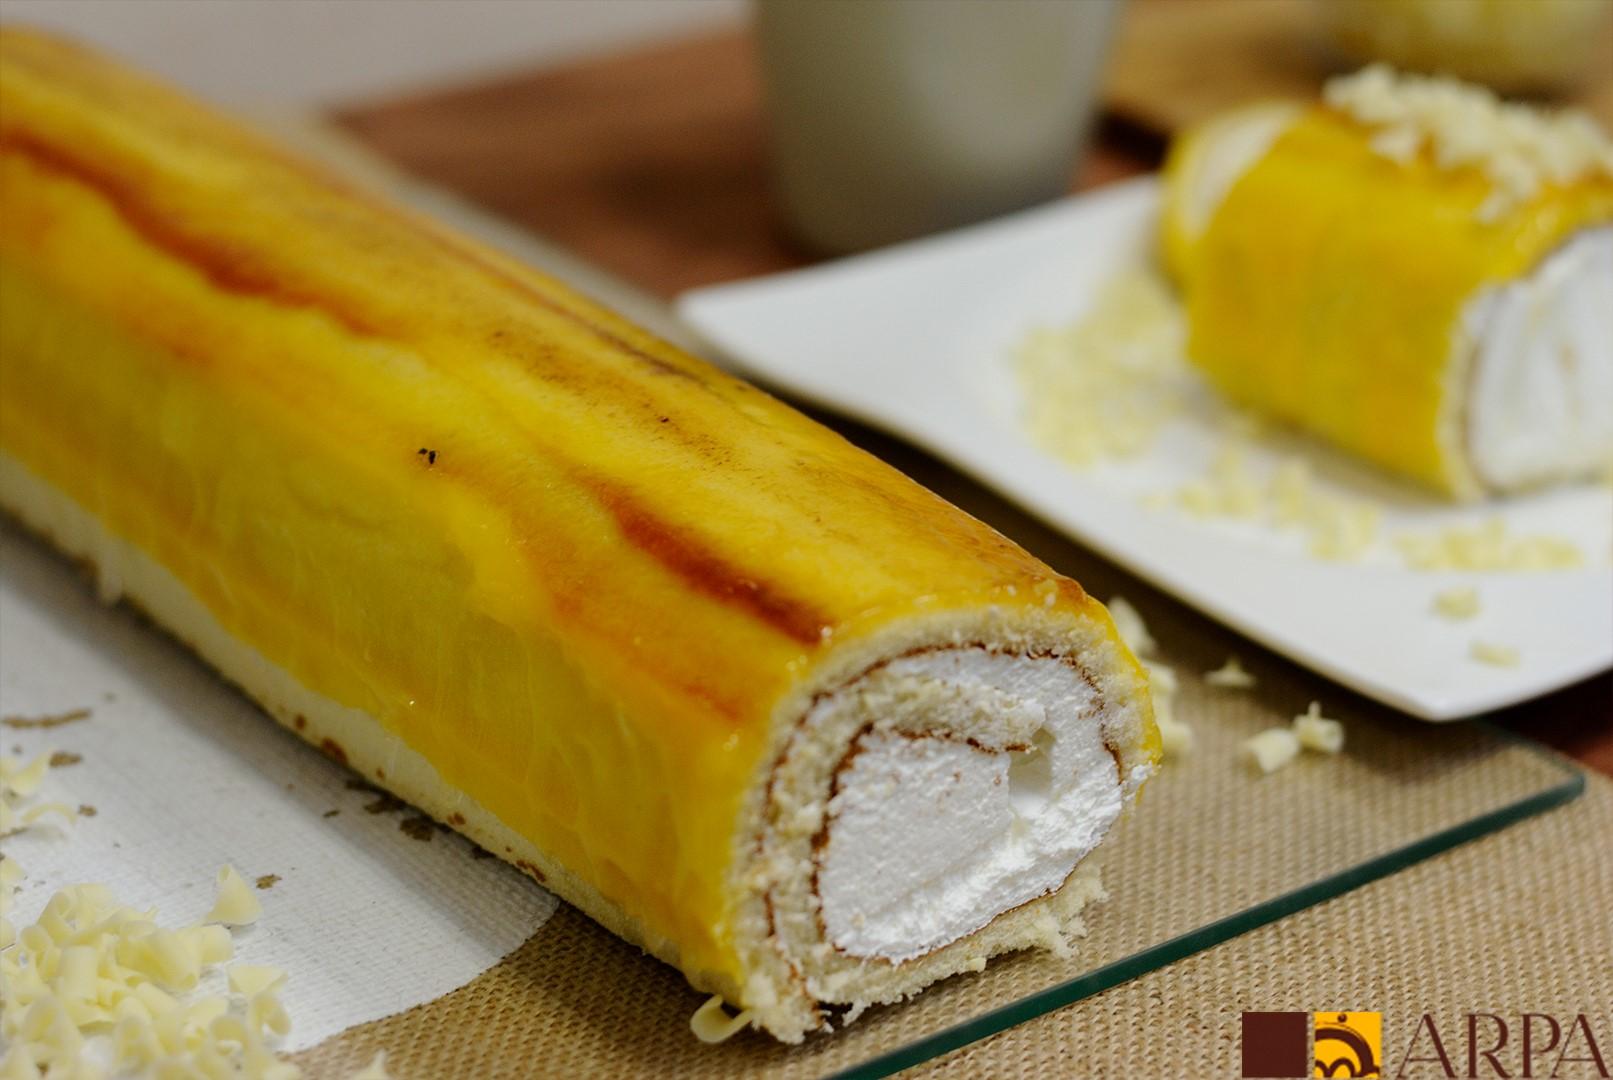 Brazo de gitano relleno de nata y recubierto de yema quemada con azúcar